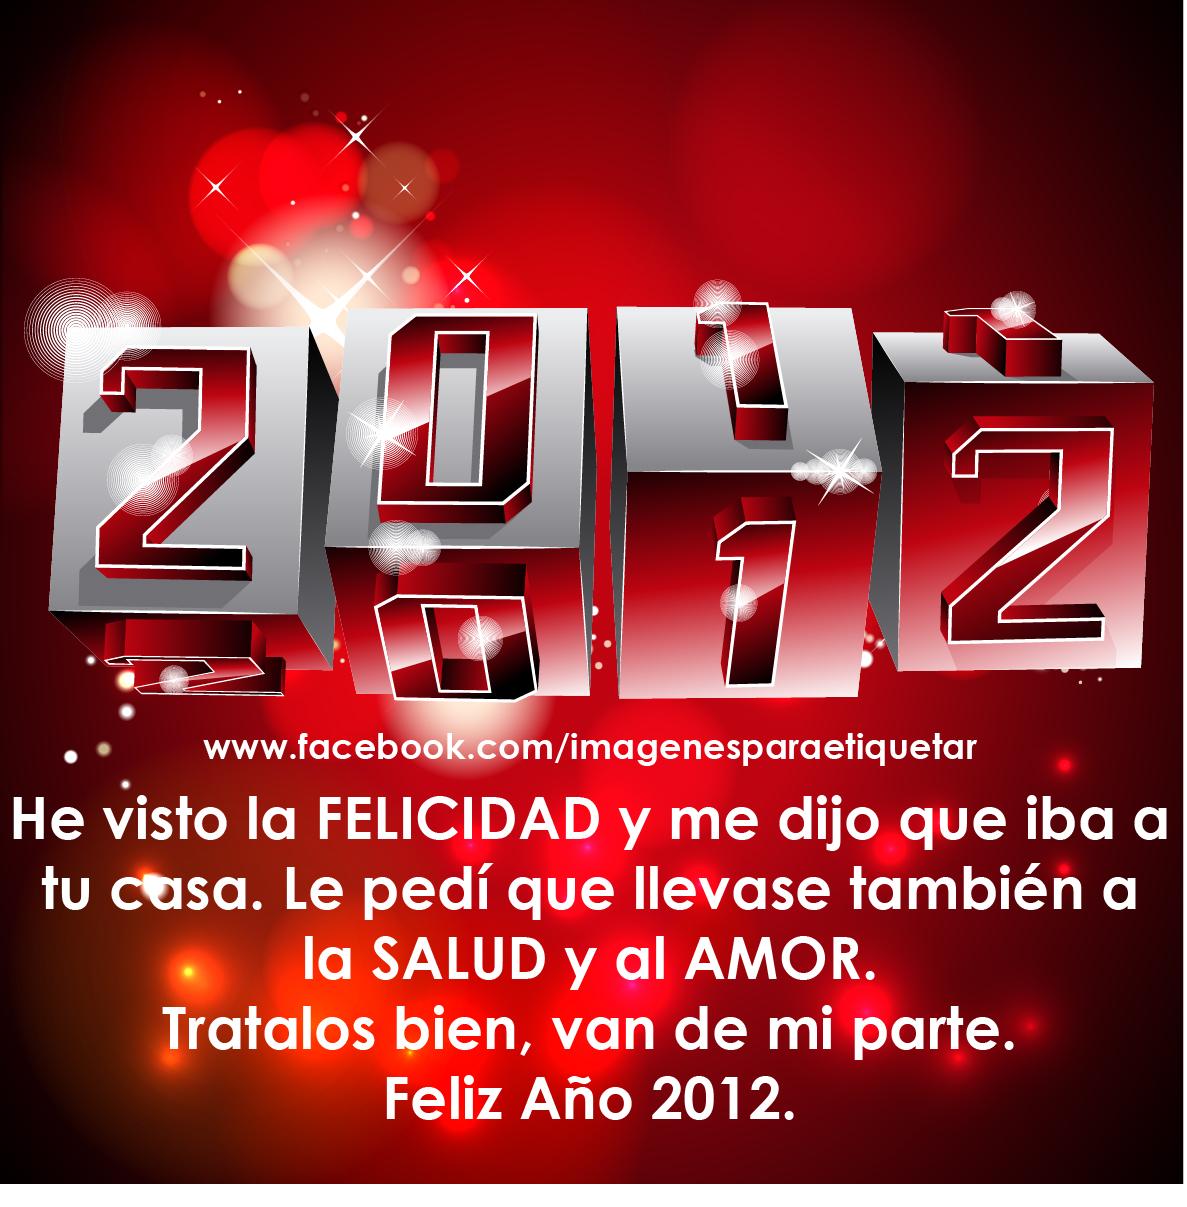 la SALUD y al AMOR. Tratalos bien, van de mi parte. Feliz Año 2012